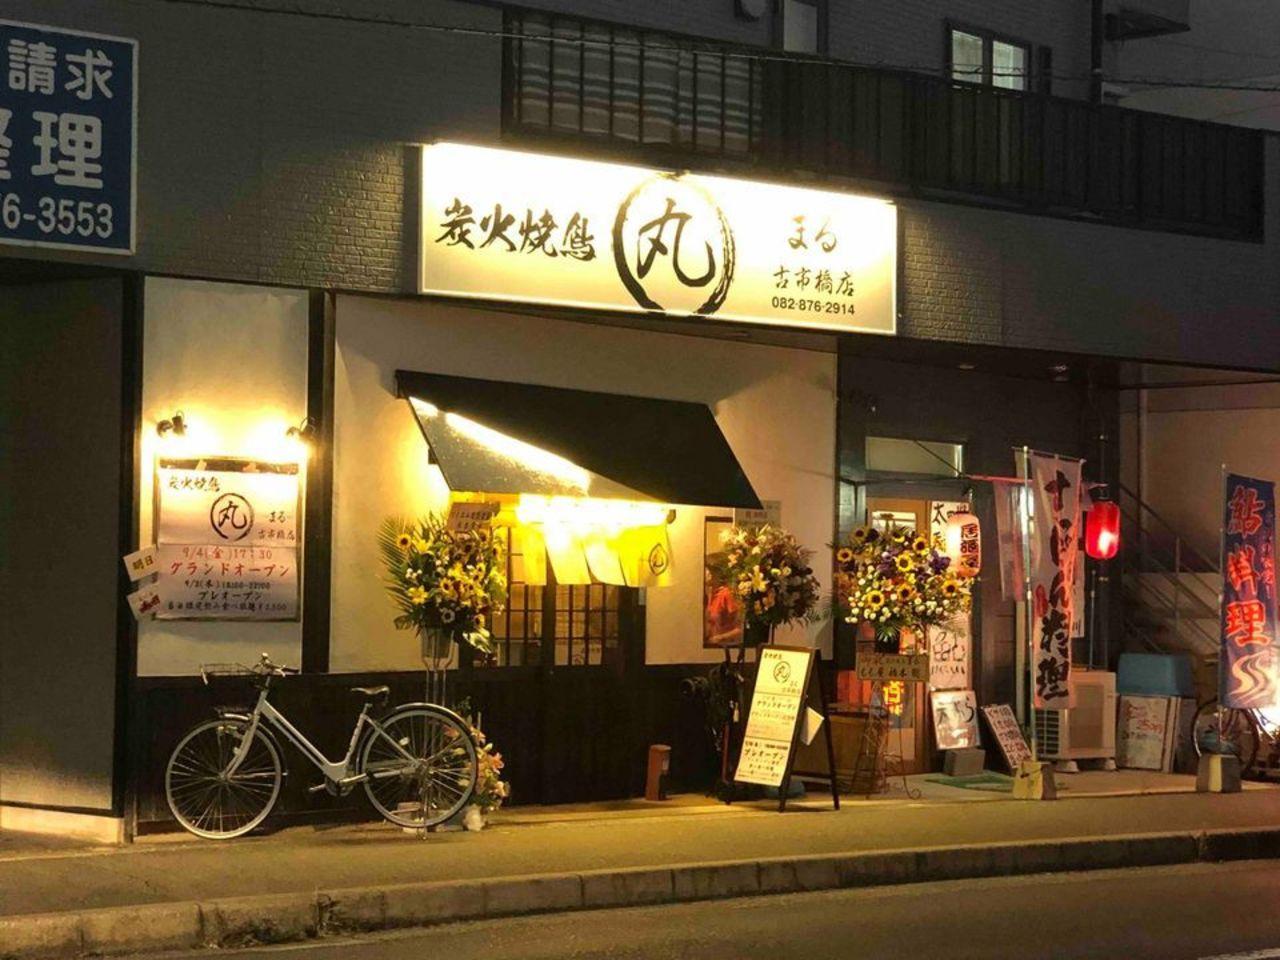 広島県広島市安佐南区古市3丁目に「炭火焼鳥 丸 古市橋店」が9/4オープンされたようです。